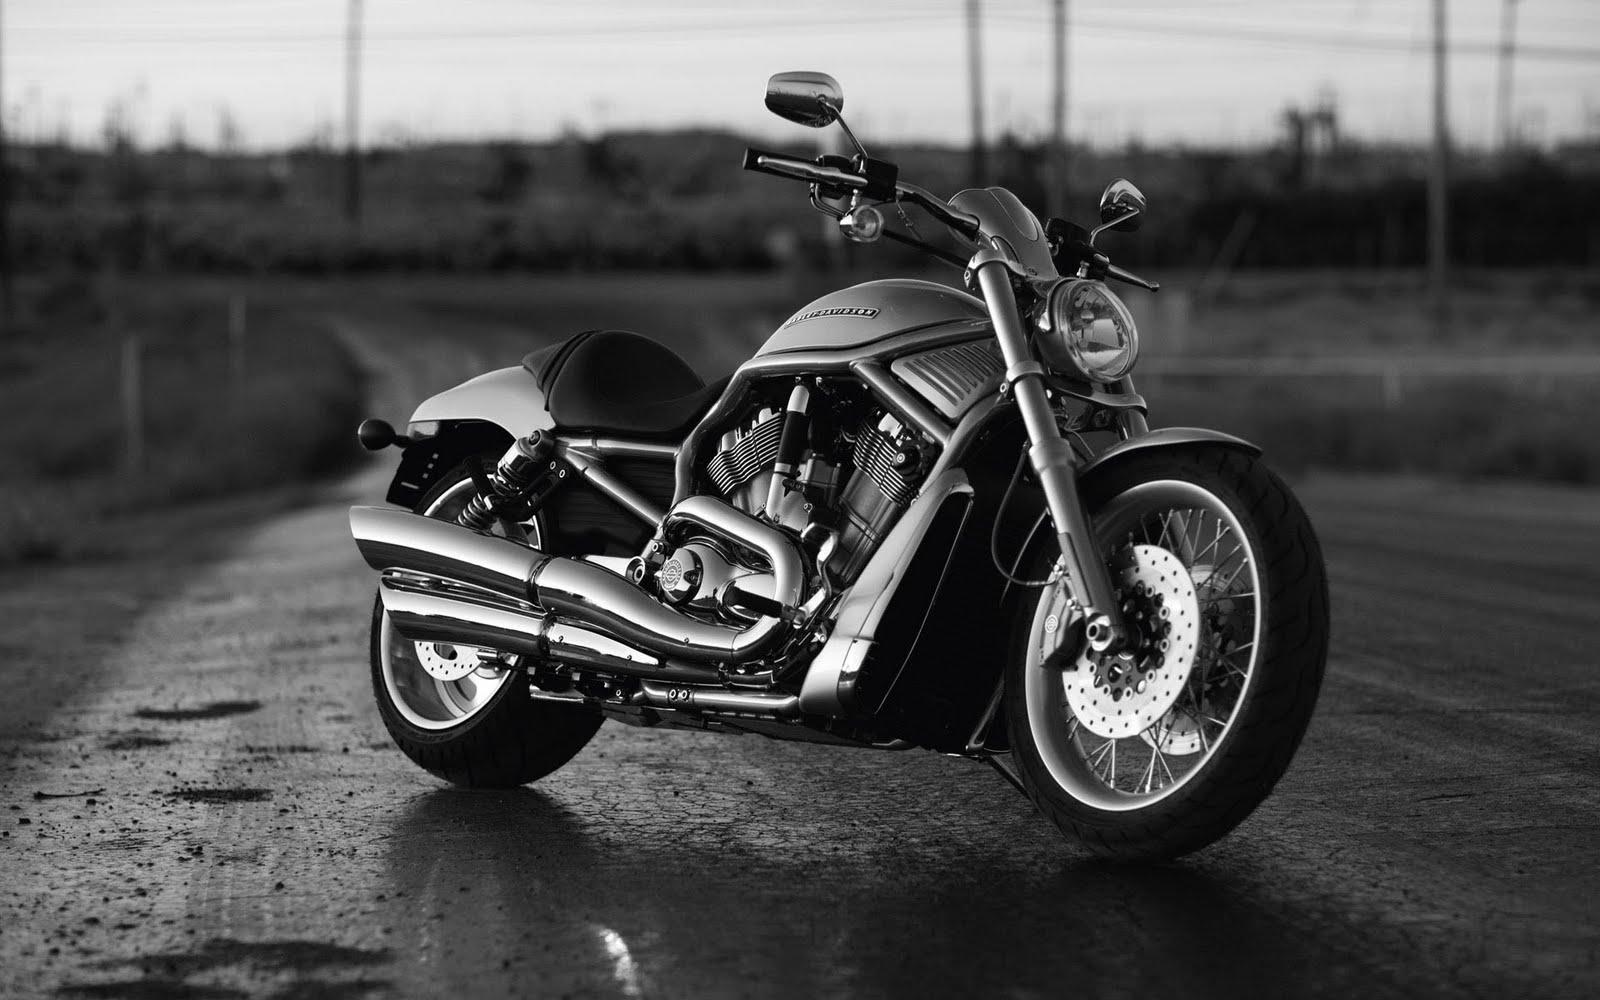 Bobber Cafe Racer Harley Davidson Hd Wallpaper 1080p: Harley Davidson Wallpaper